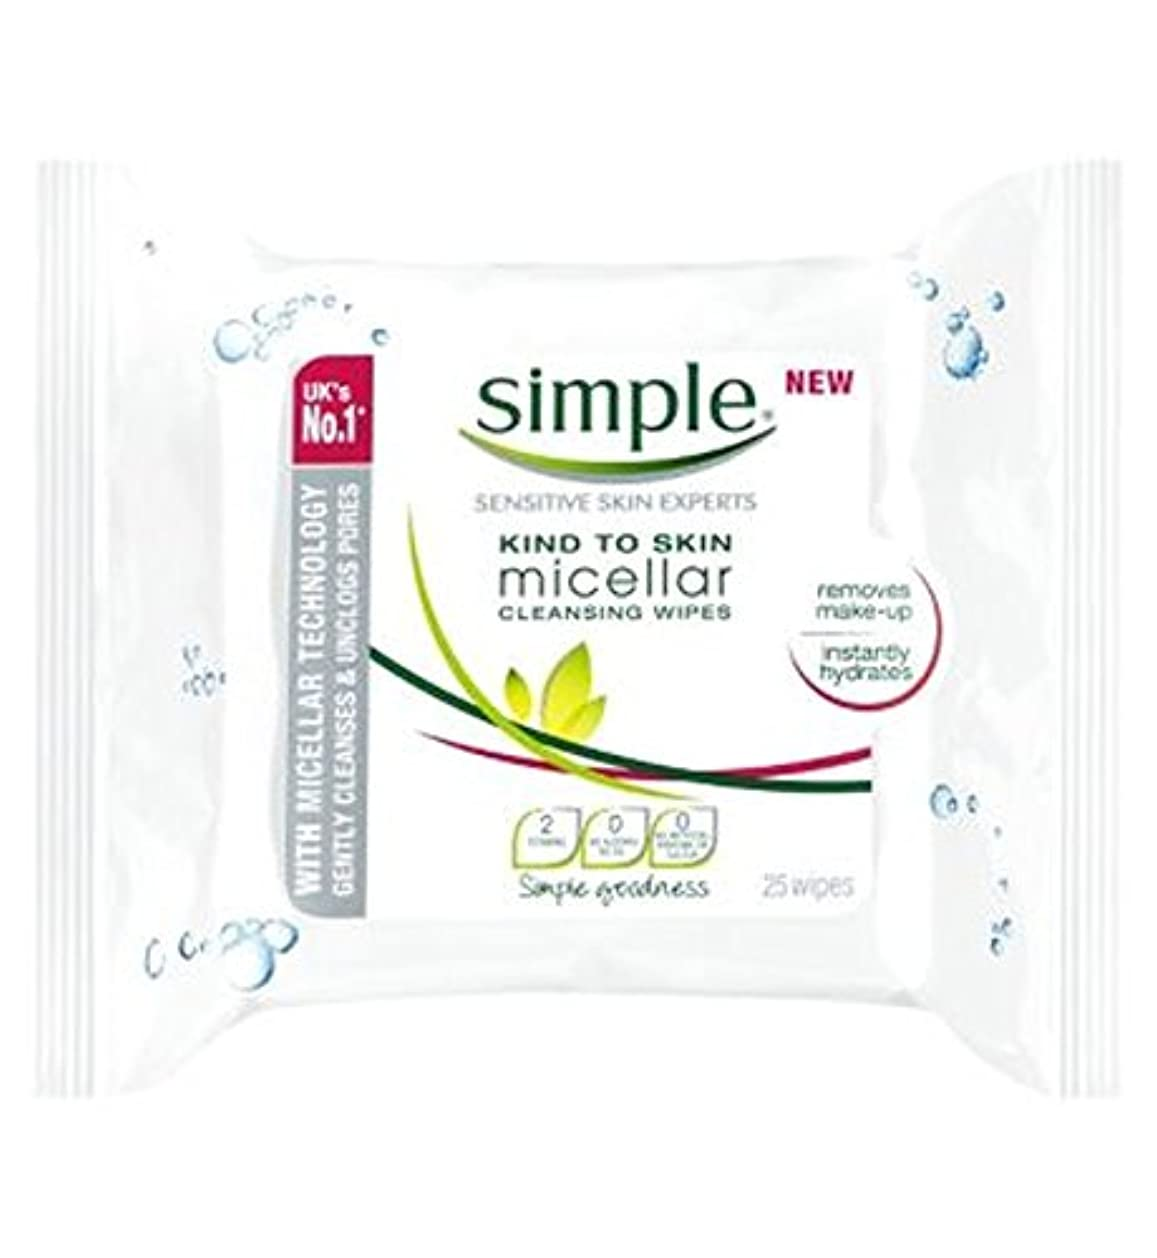 おしゃれなラウンジ召喚するSimple Kind To Skin Micellar Cleansing Wipes - 25 wipes - 皮膚ミセルクレンジングへの単純な種類がワイプ - 25ワイプ (Simple) [並行輸入品]